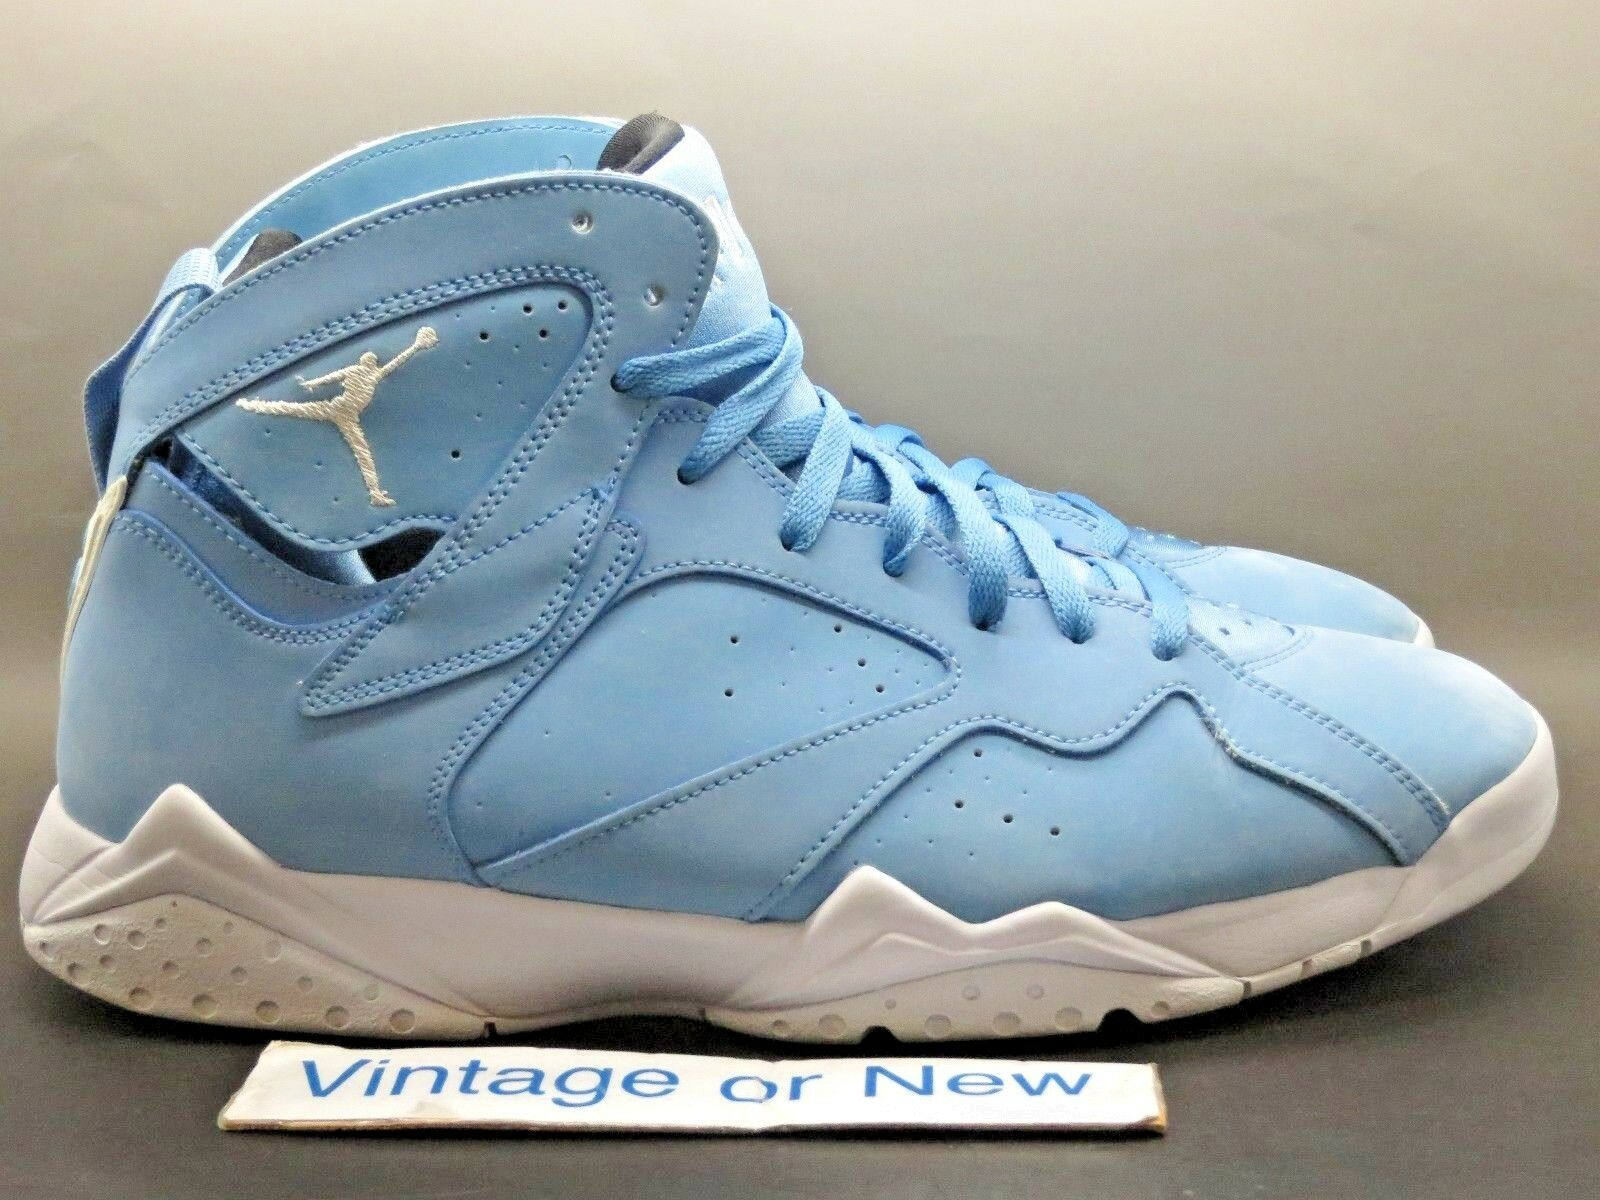 Air Jordan 2018 VII 7 retro Pantone 2018 Jordan reduccion de precio el mas popular de zapatos para hombres y mujeres 546484